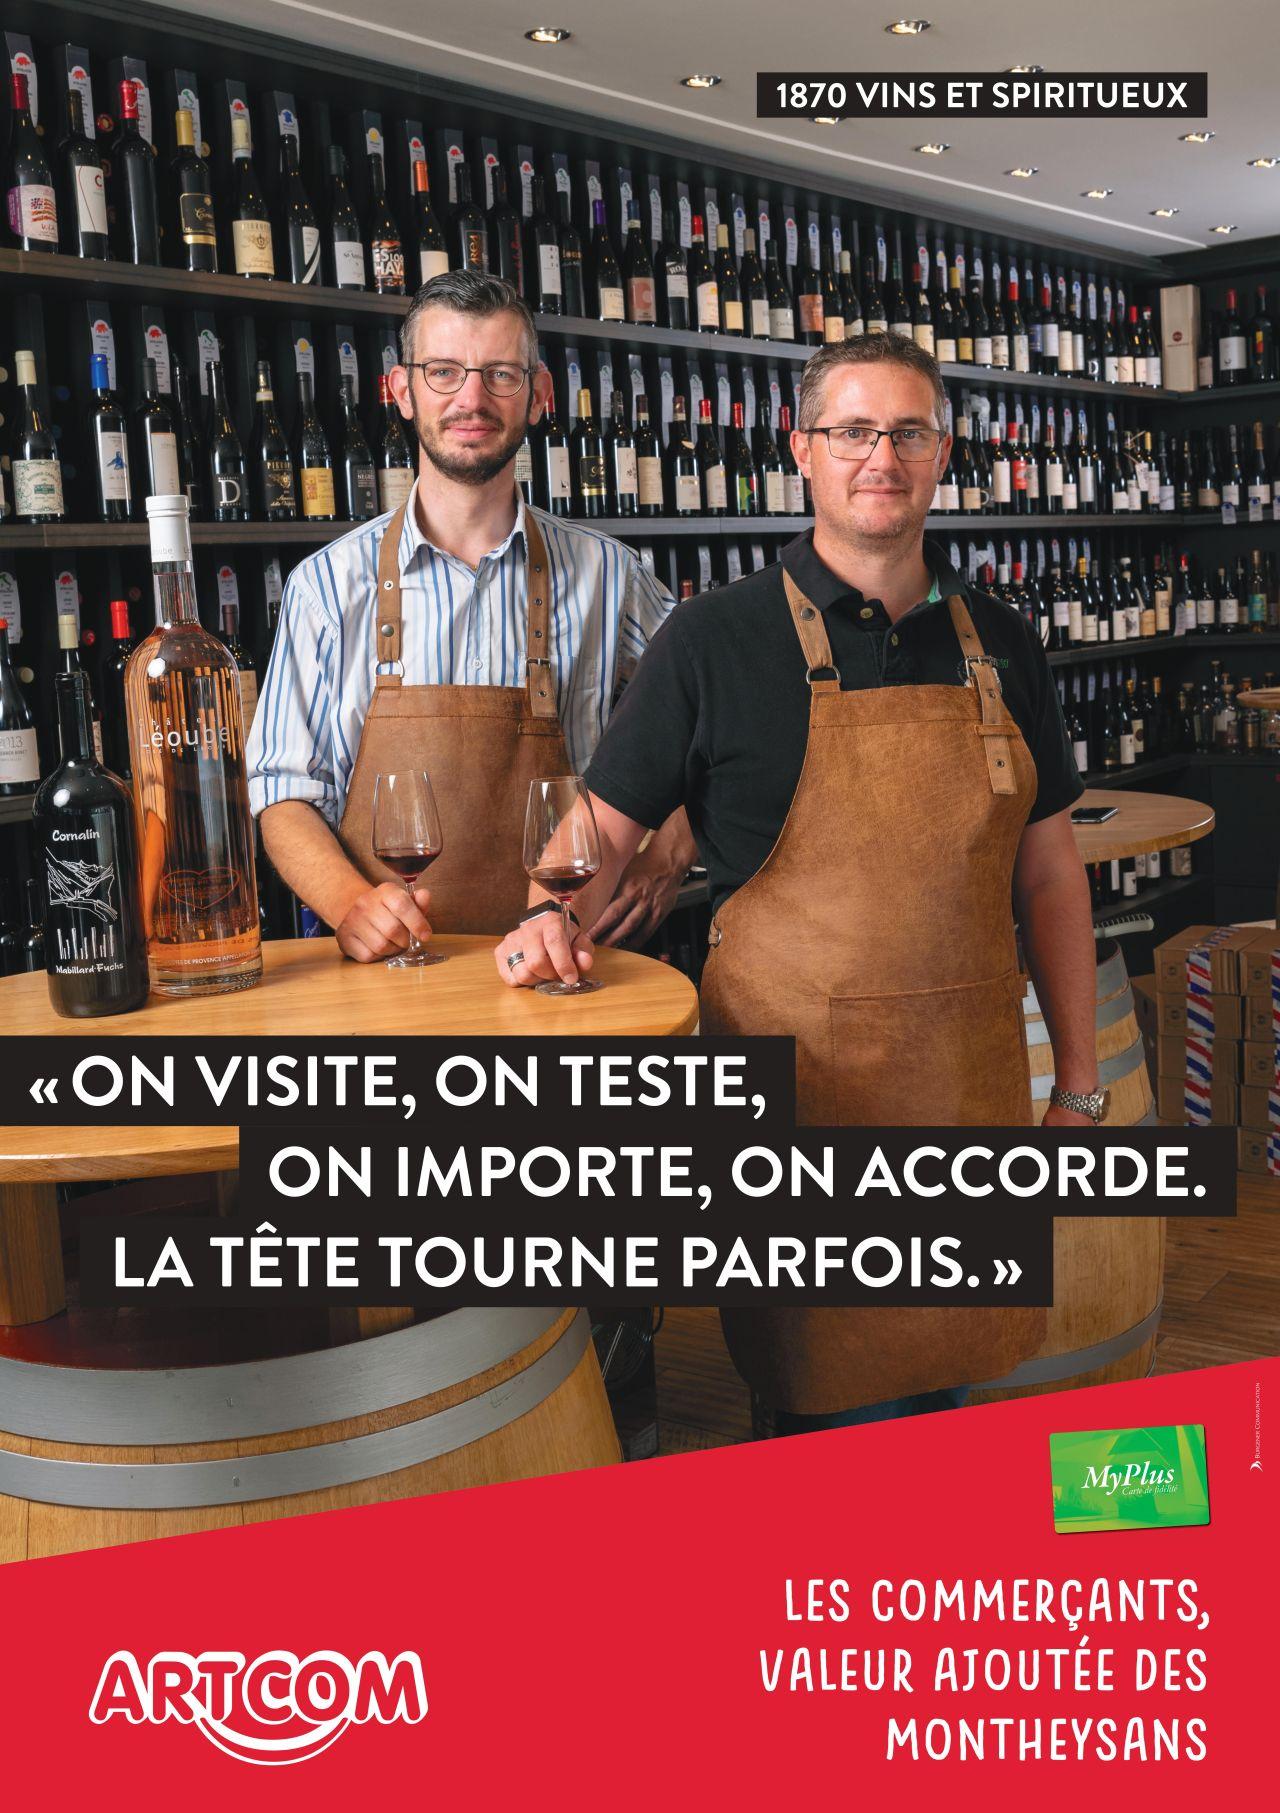 Affiche 1780 vins et spiritueux